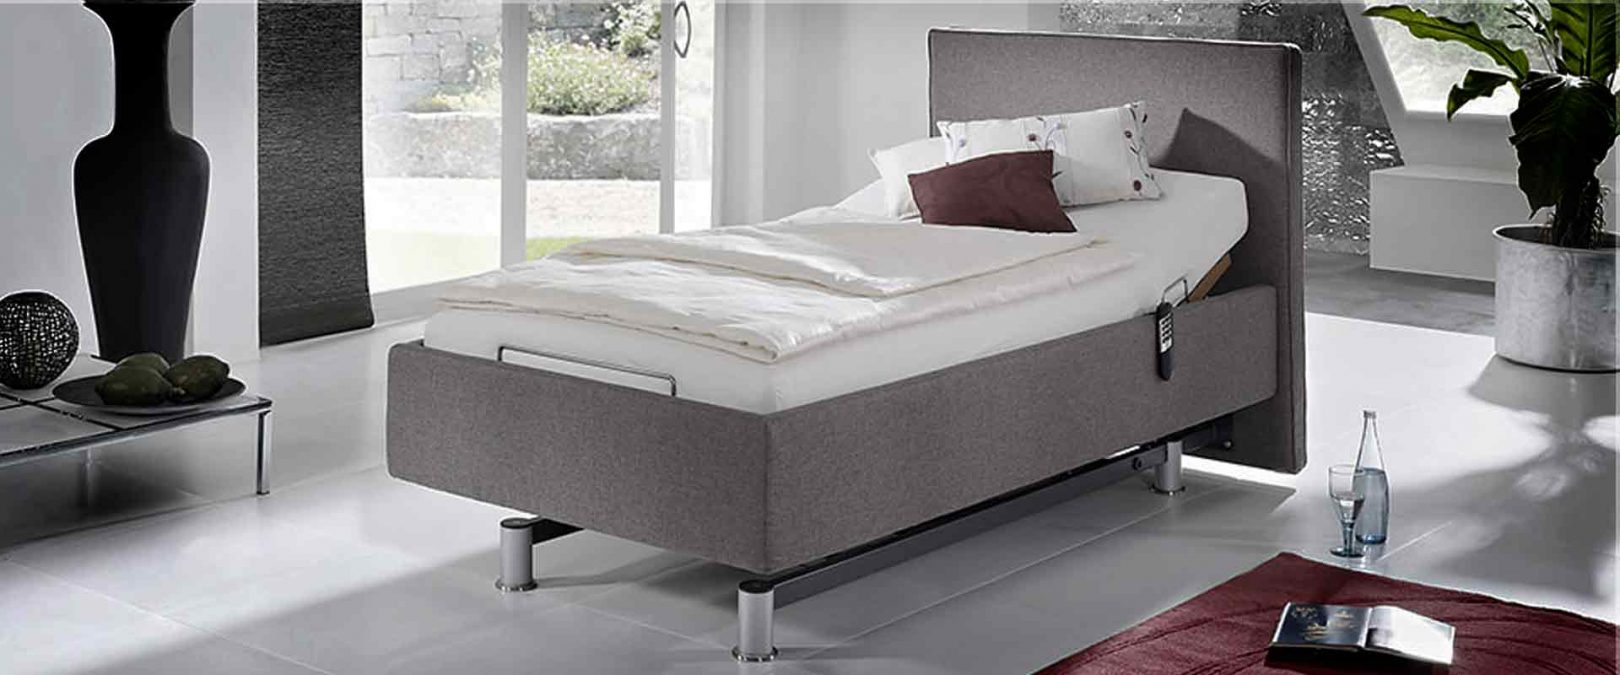 Betten Hoenscheidt Duesseldorf Betten für Senioren und Pflegebeduerftige